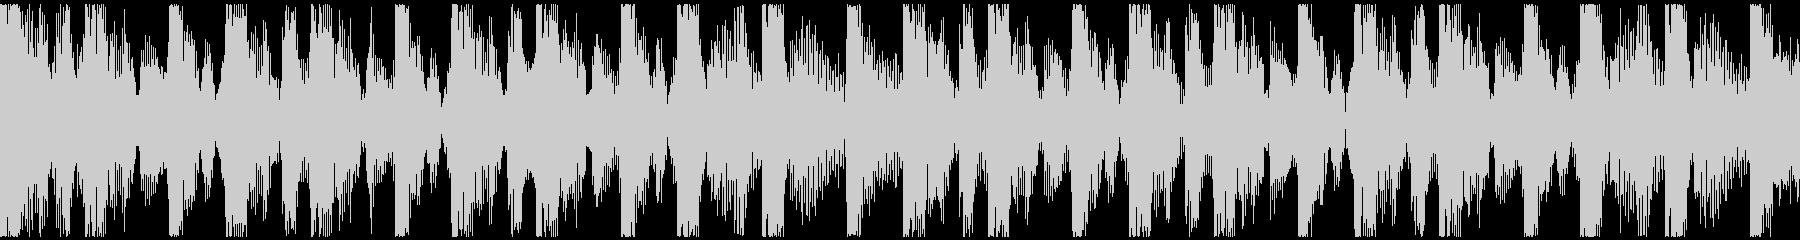 激しい・ダーク・エキサイティング短ループの未再生の波形